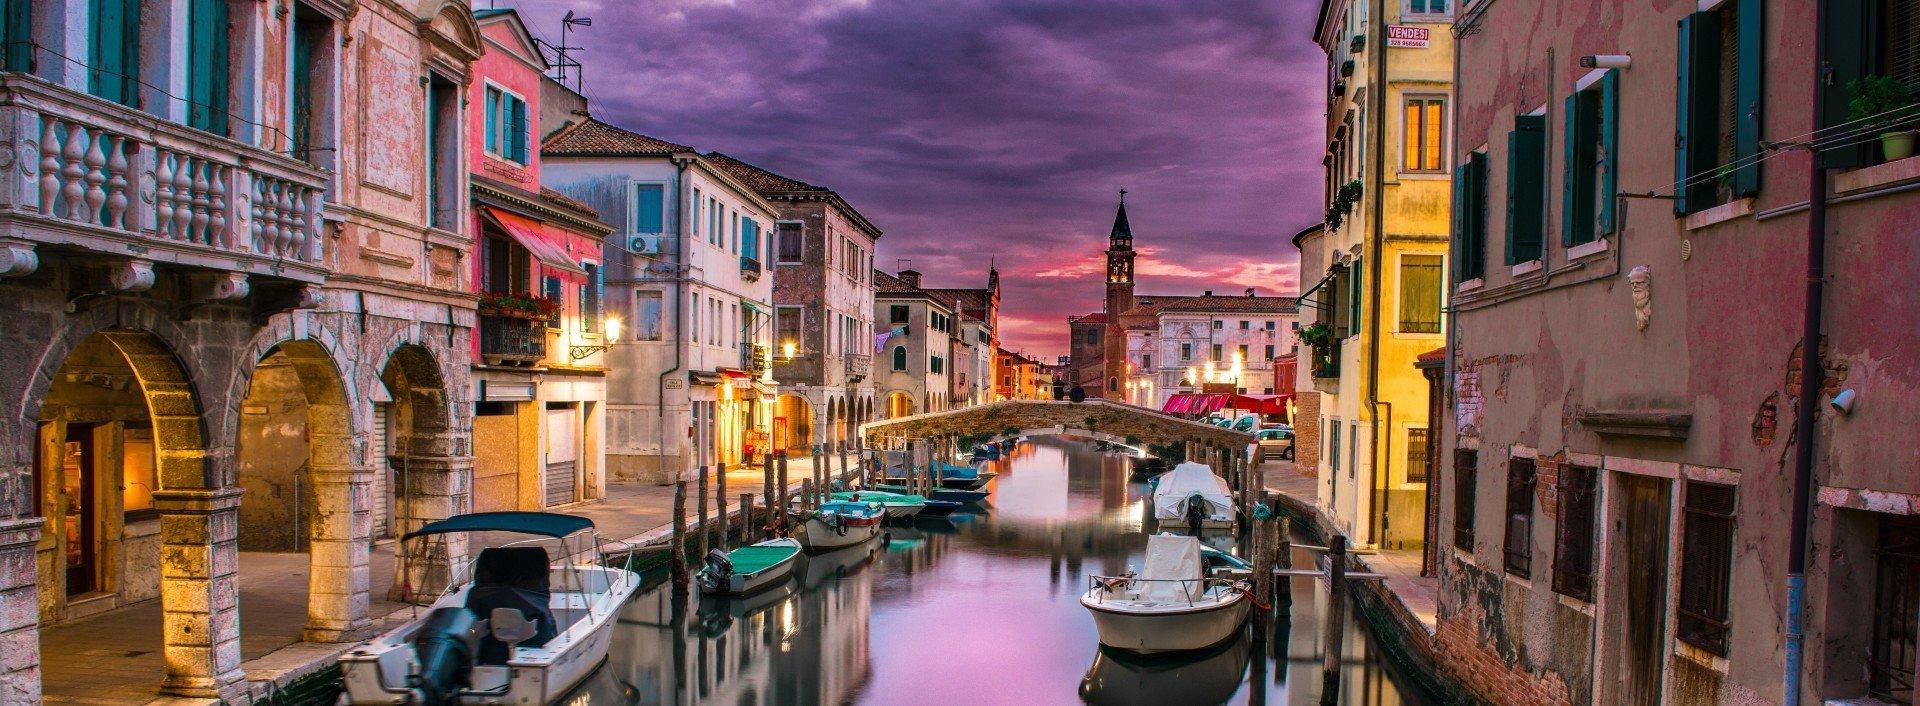 Italienische Lehnwörter auf Englisch: Ein Kanal in Venedig bei Sonnenuntergang, in dem sich der Sonnenuntergang im Wasser spiegelt.